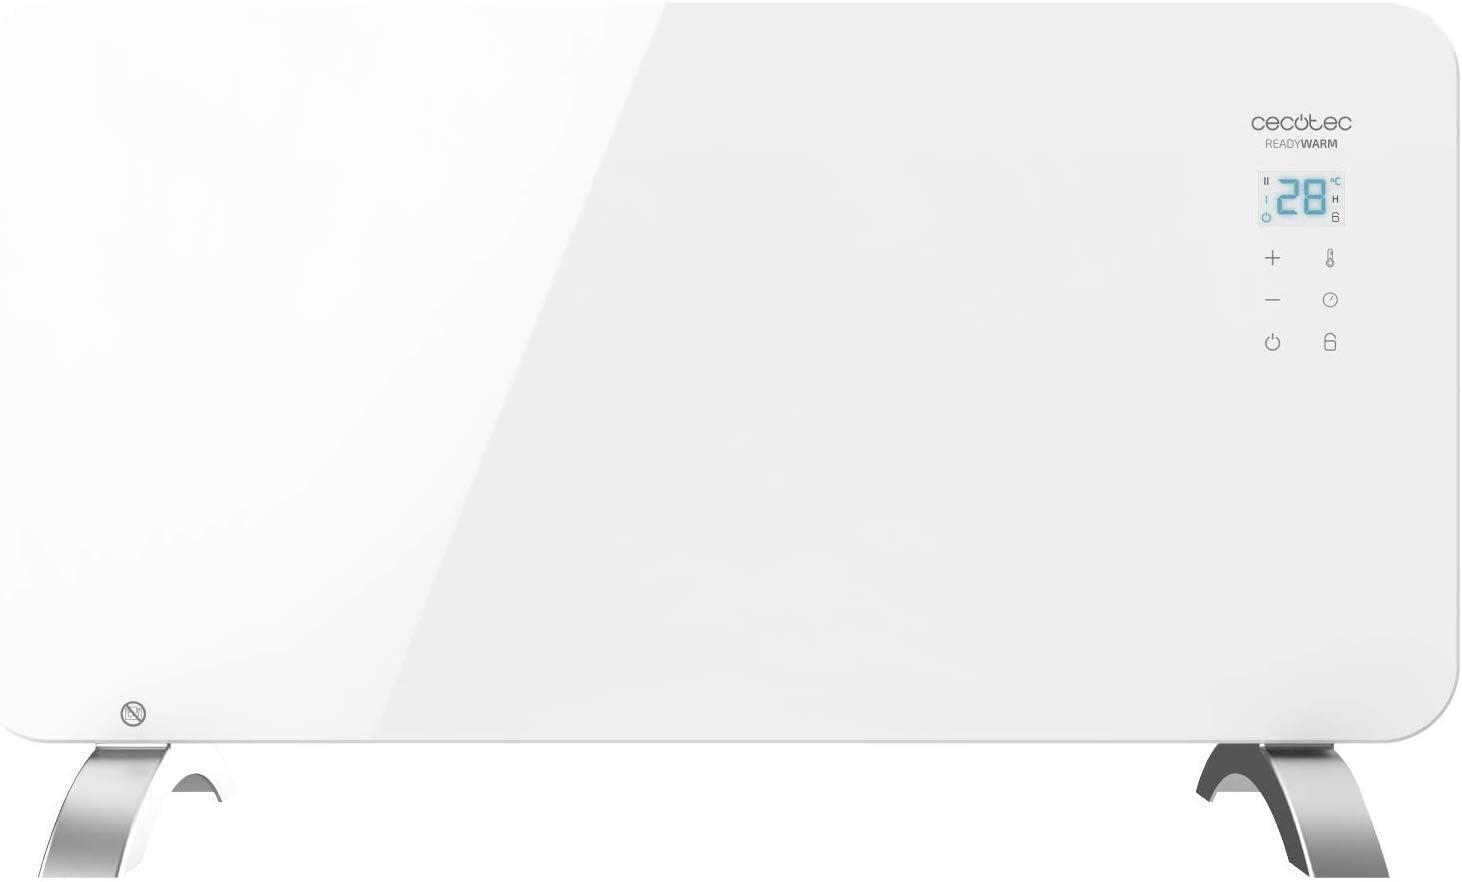 Cecotec Radiador Eléctrico Bajo Consumo Ready Warm 6700 Crystal Connection Con Wifi, 1000 W, Termostato Regulable, Temporizador, Soporte de pie, Protección sobrecalentamiento, Silencioso, Negro